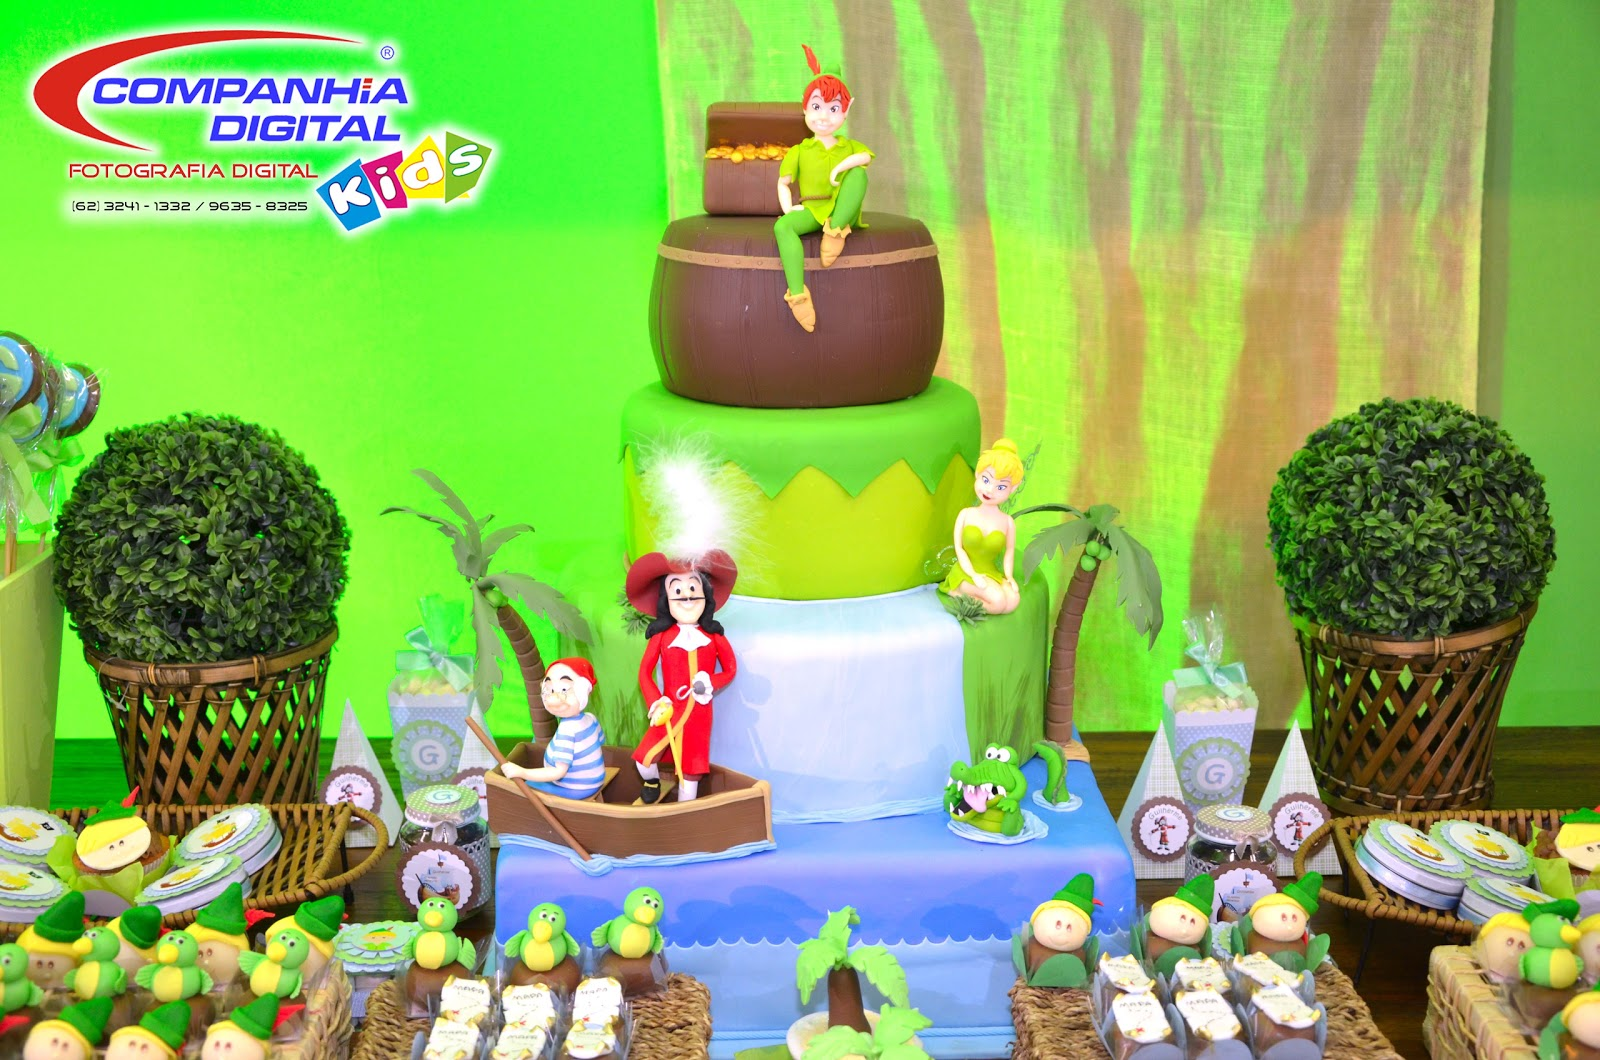 Matrimonio Tema Peter Pan : Meninas do papel aniversário guilherme tema peter pan